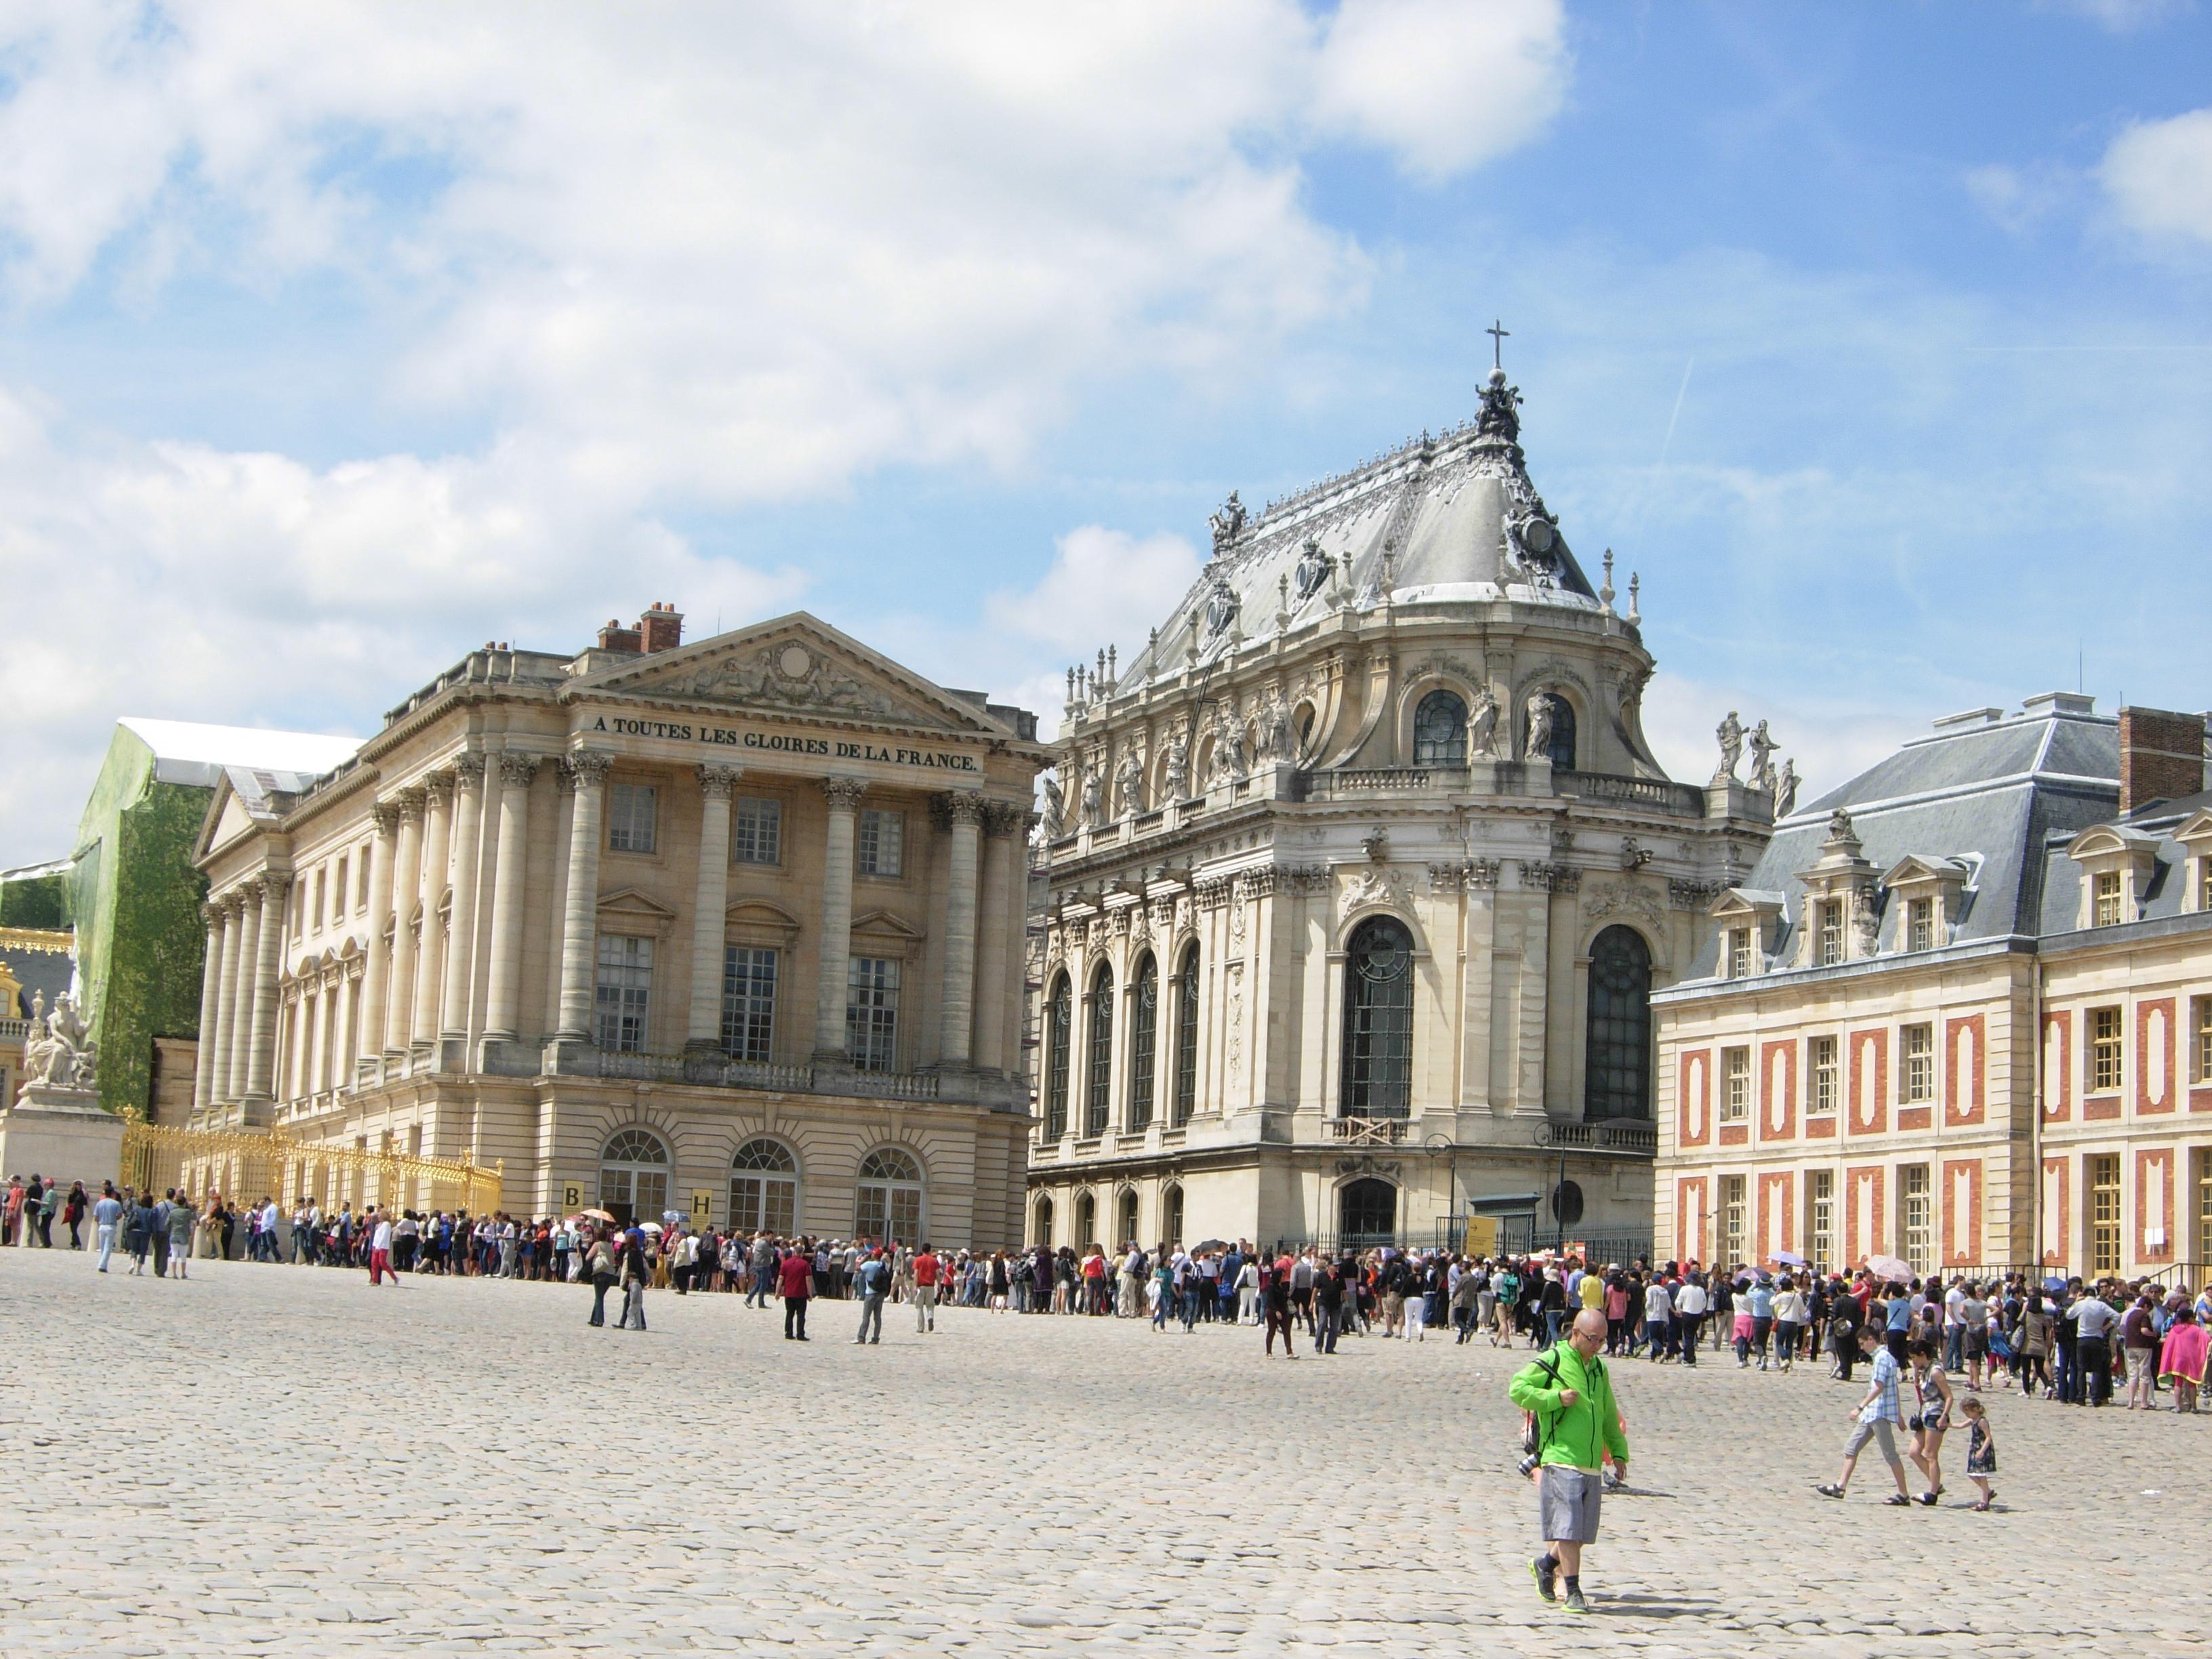 文化巴黎的魅力——凡尔赛宫_图1-2